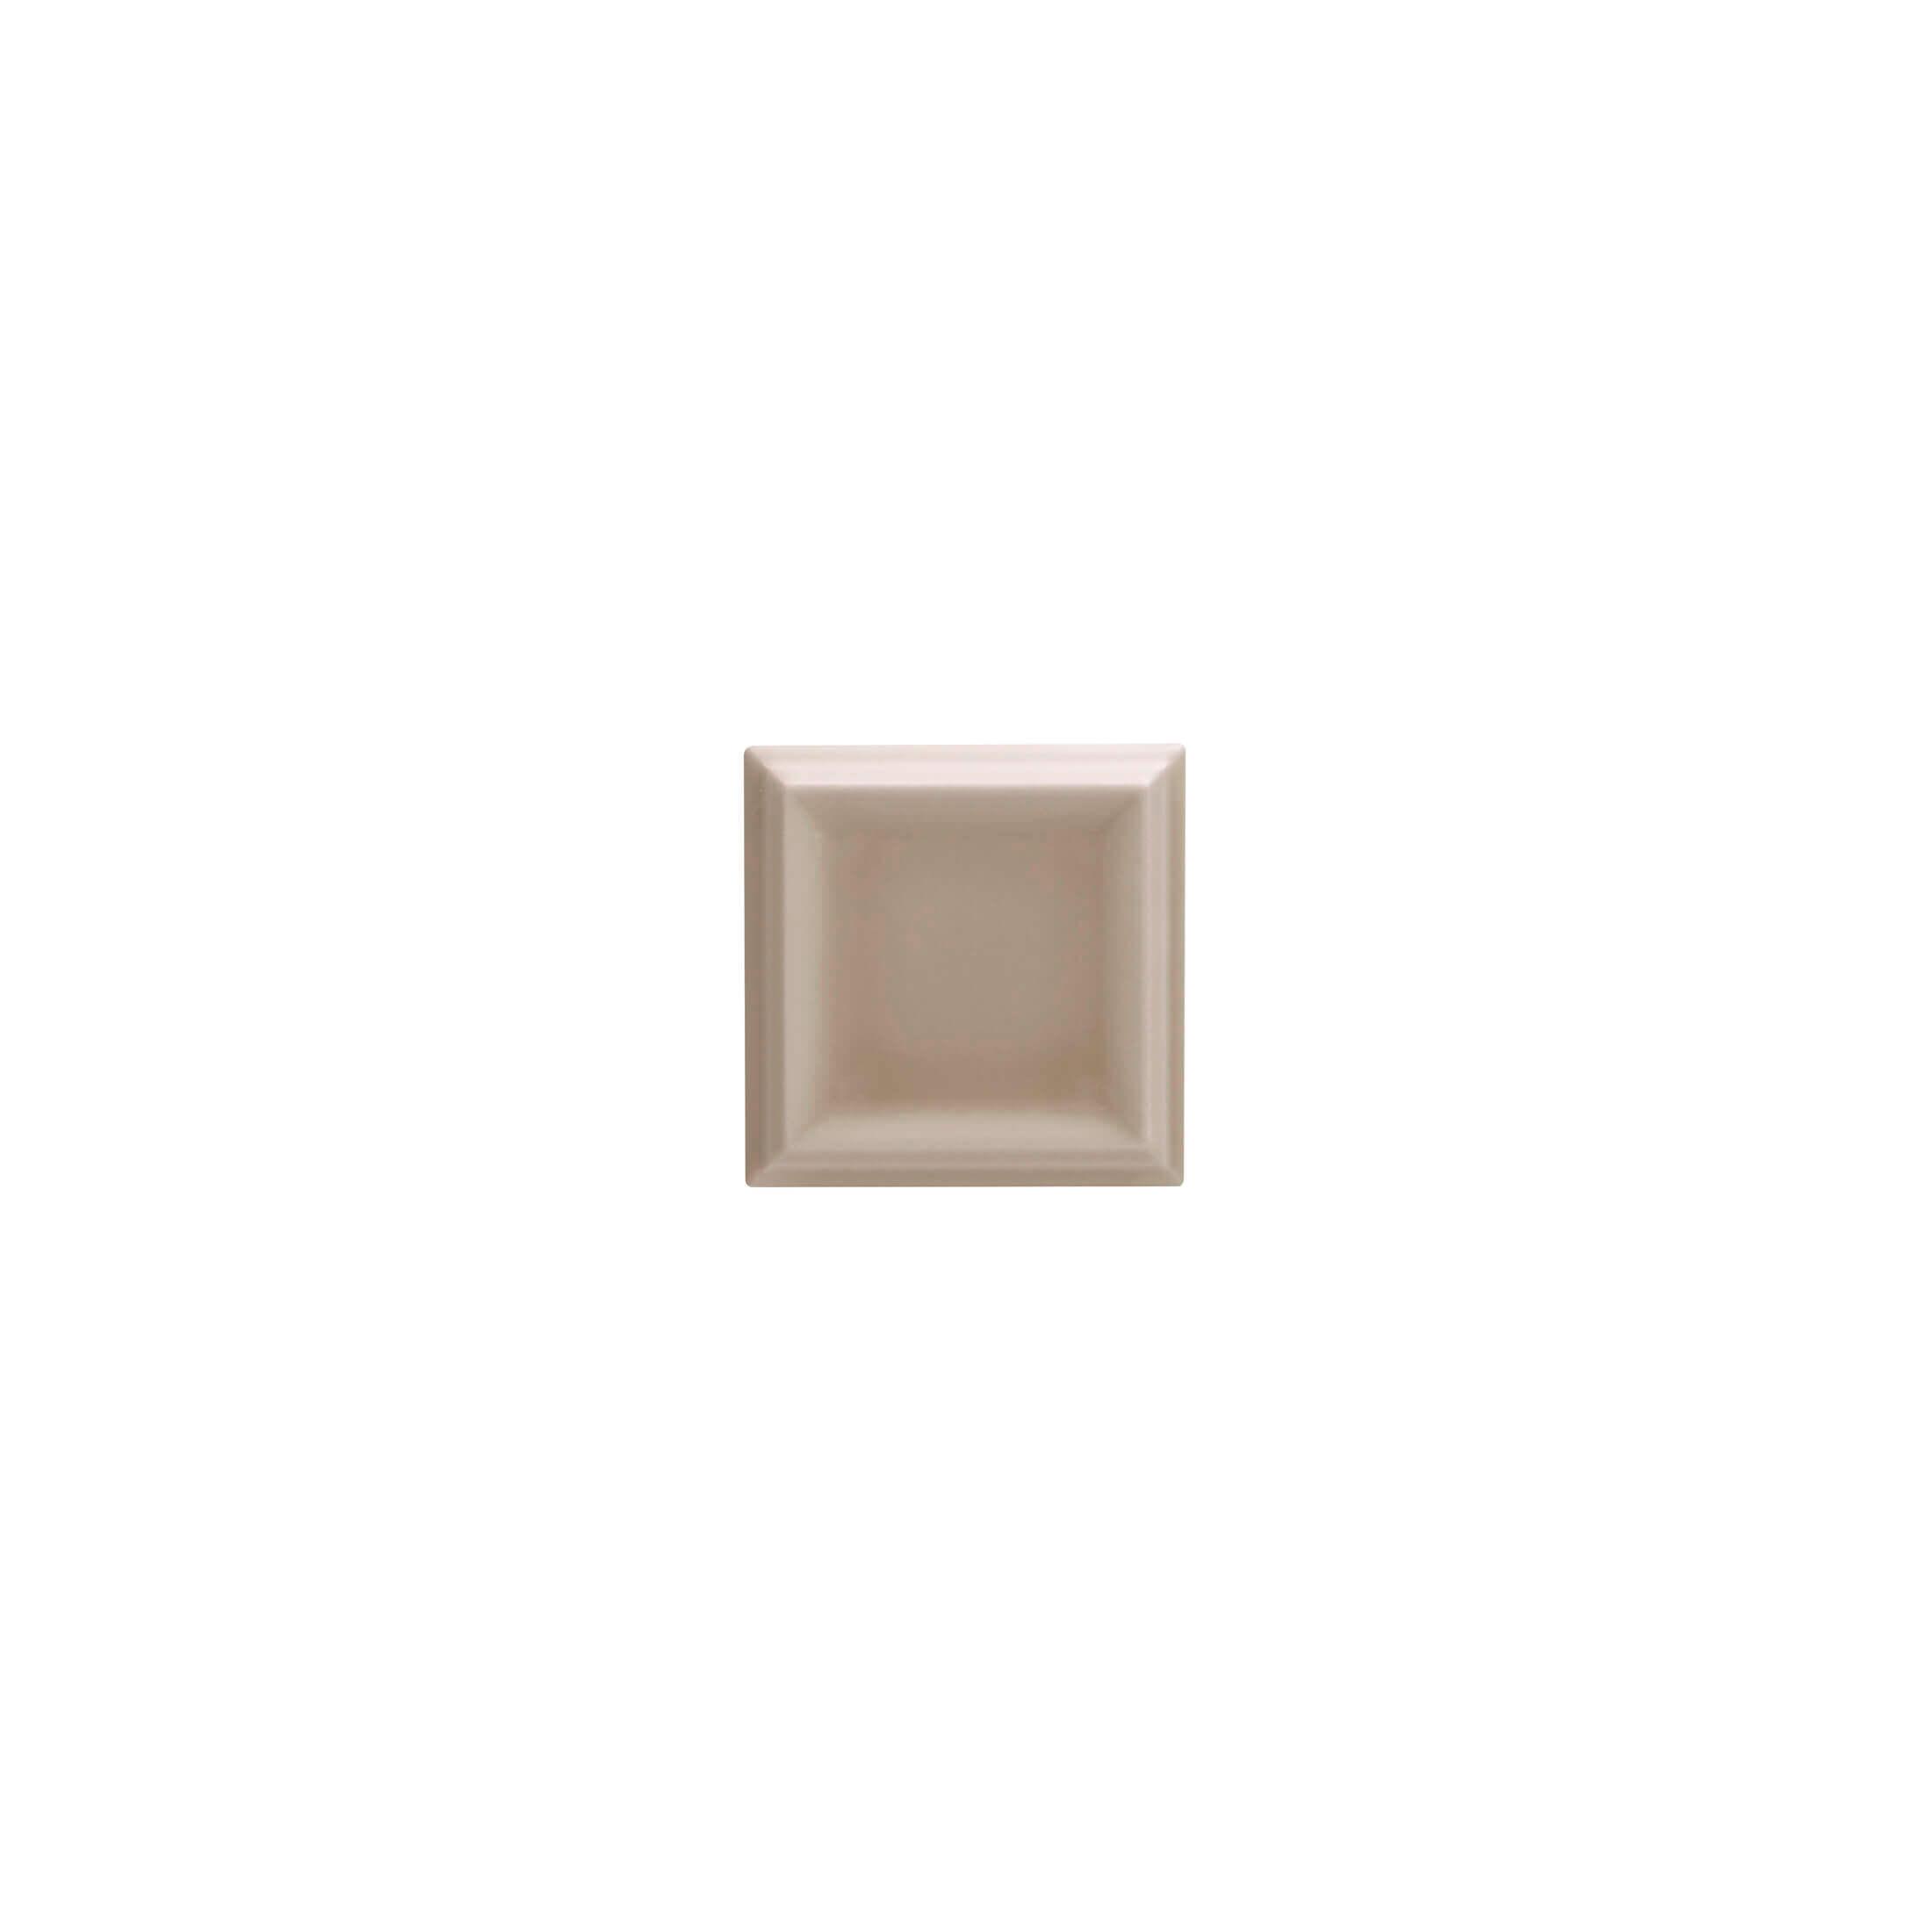 ADST1077 - LISO FRAMED - 7.3 cm X 7.3 cm